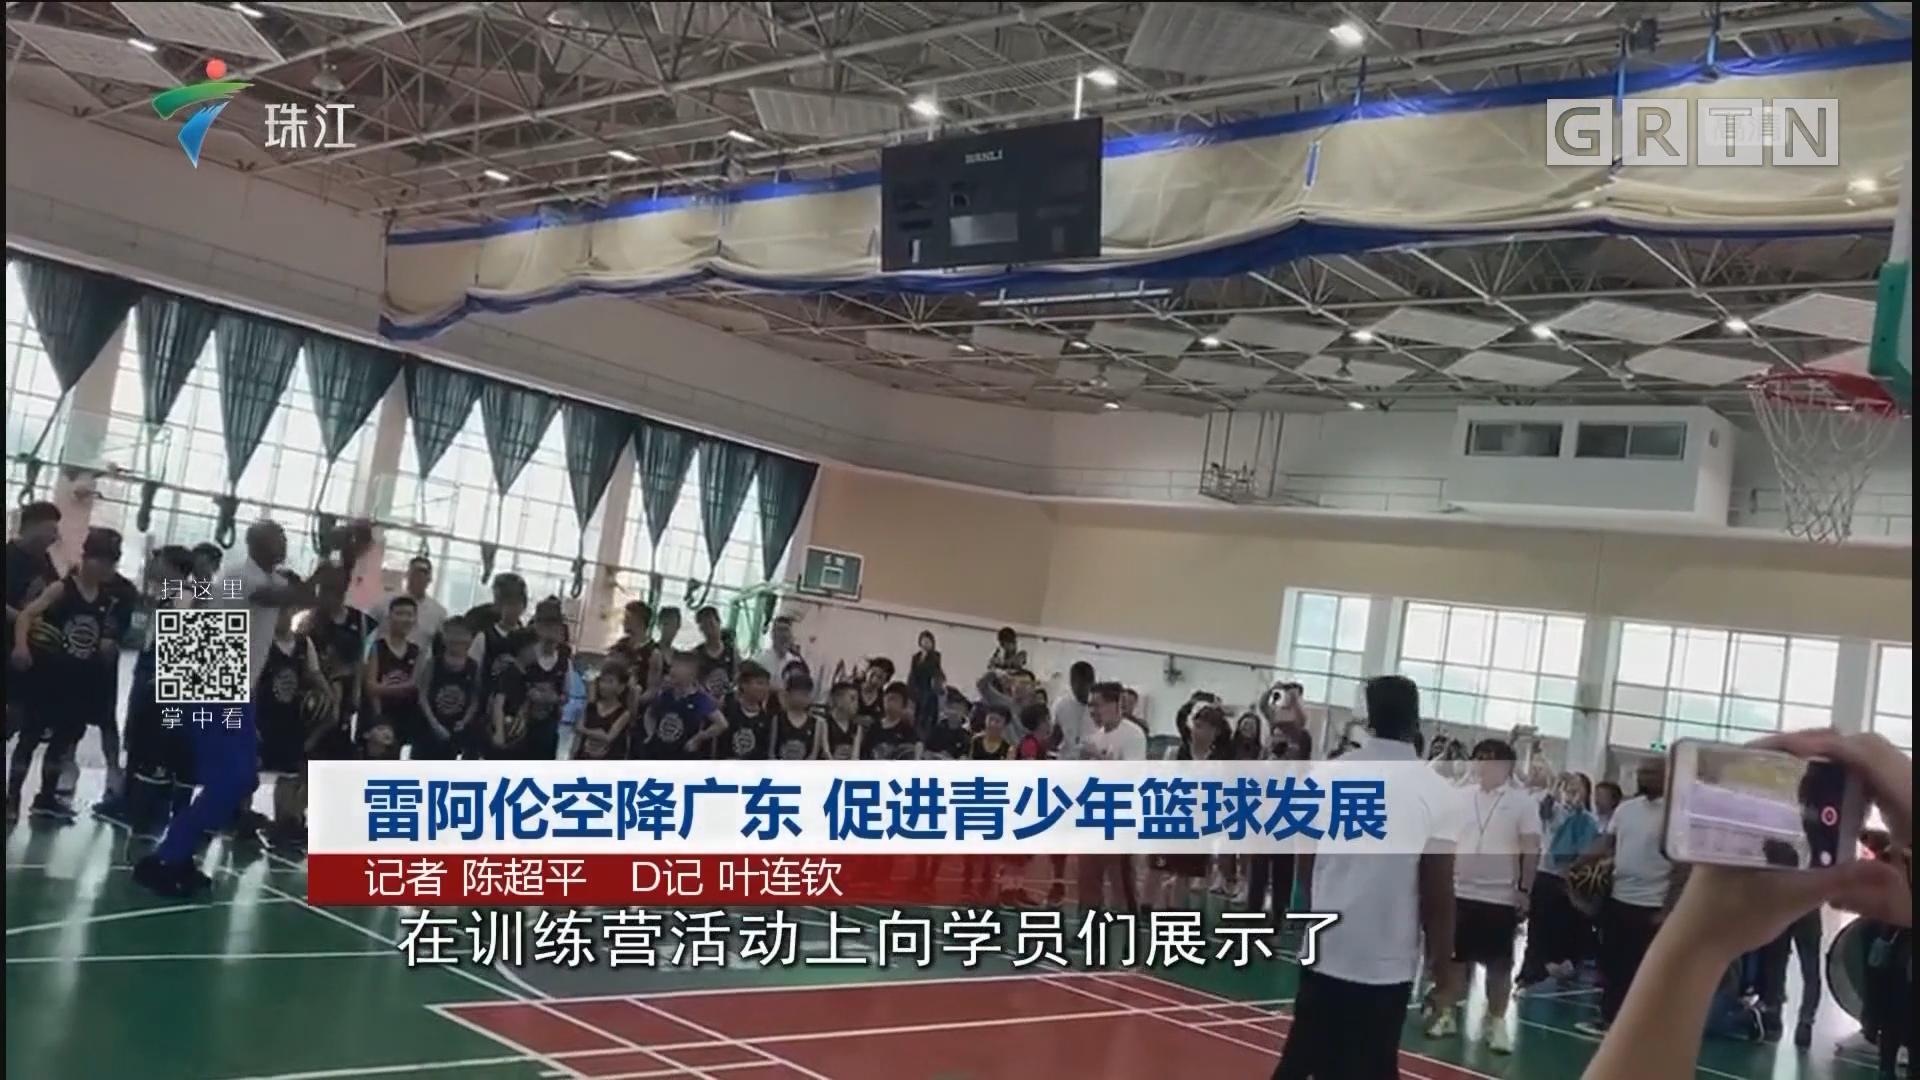 雷阿伦空降广东 促进青少年篮球发展